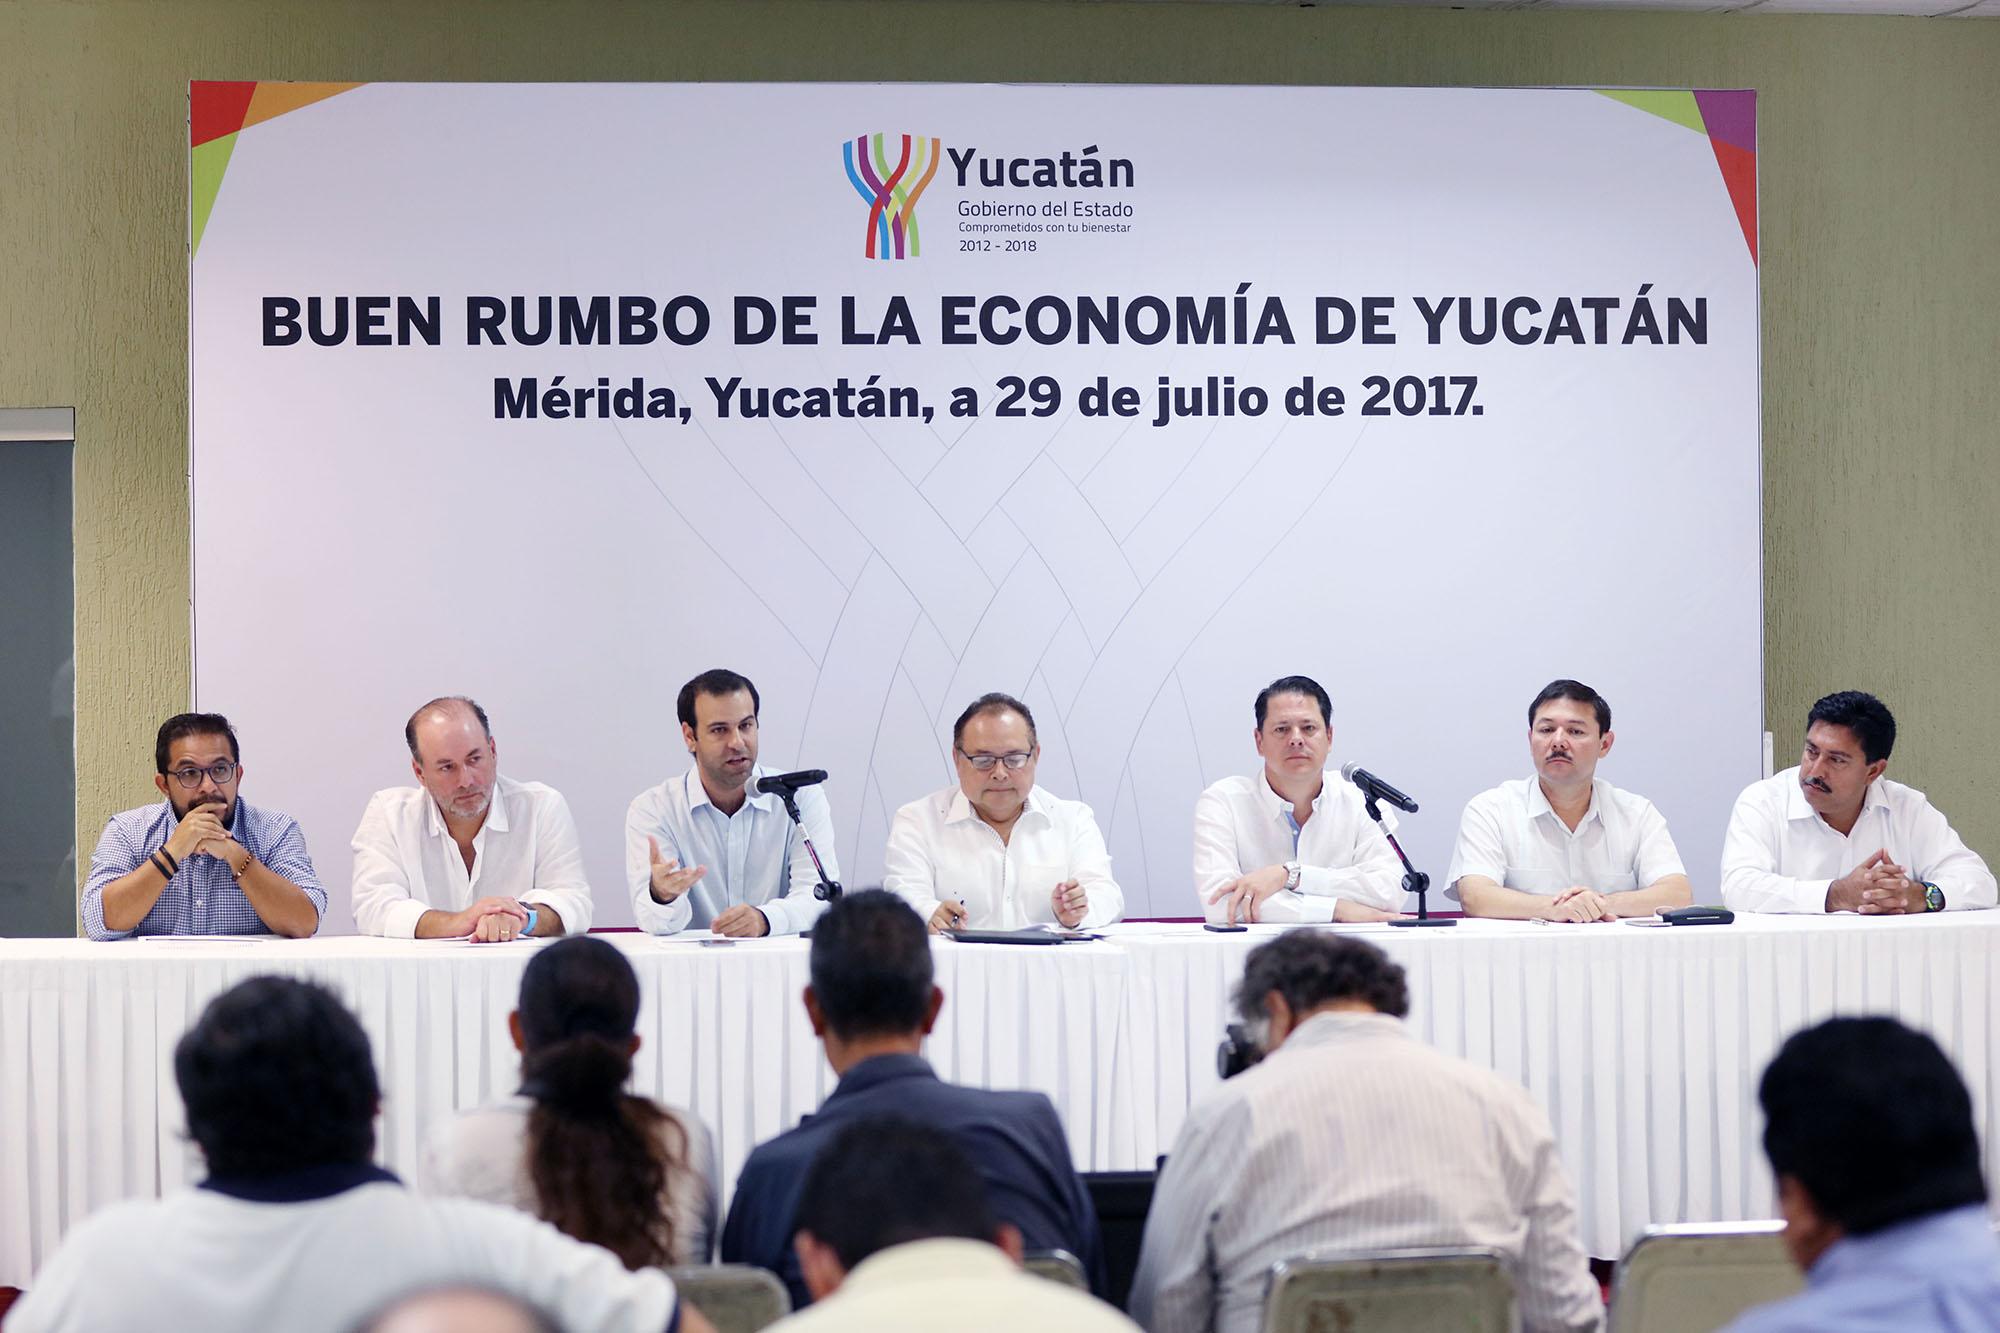 Ven empresarios 'buen ritmo económico' en Yucatán